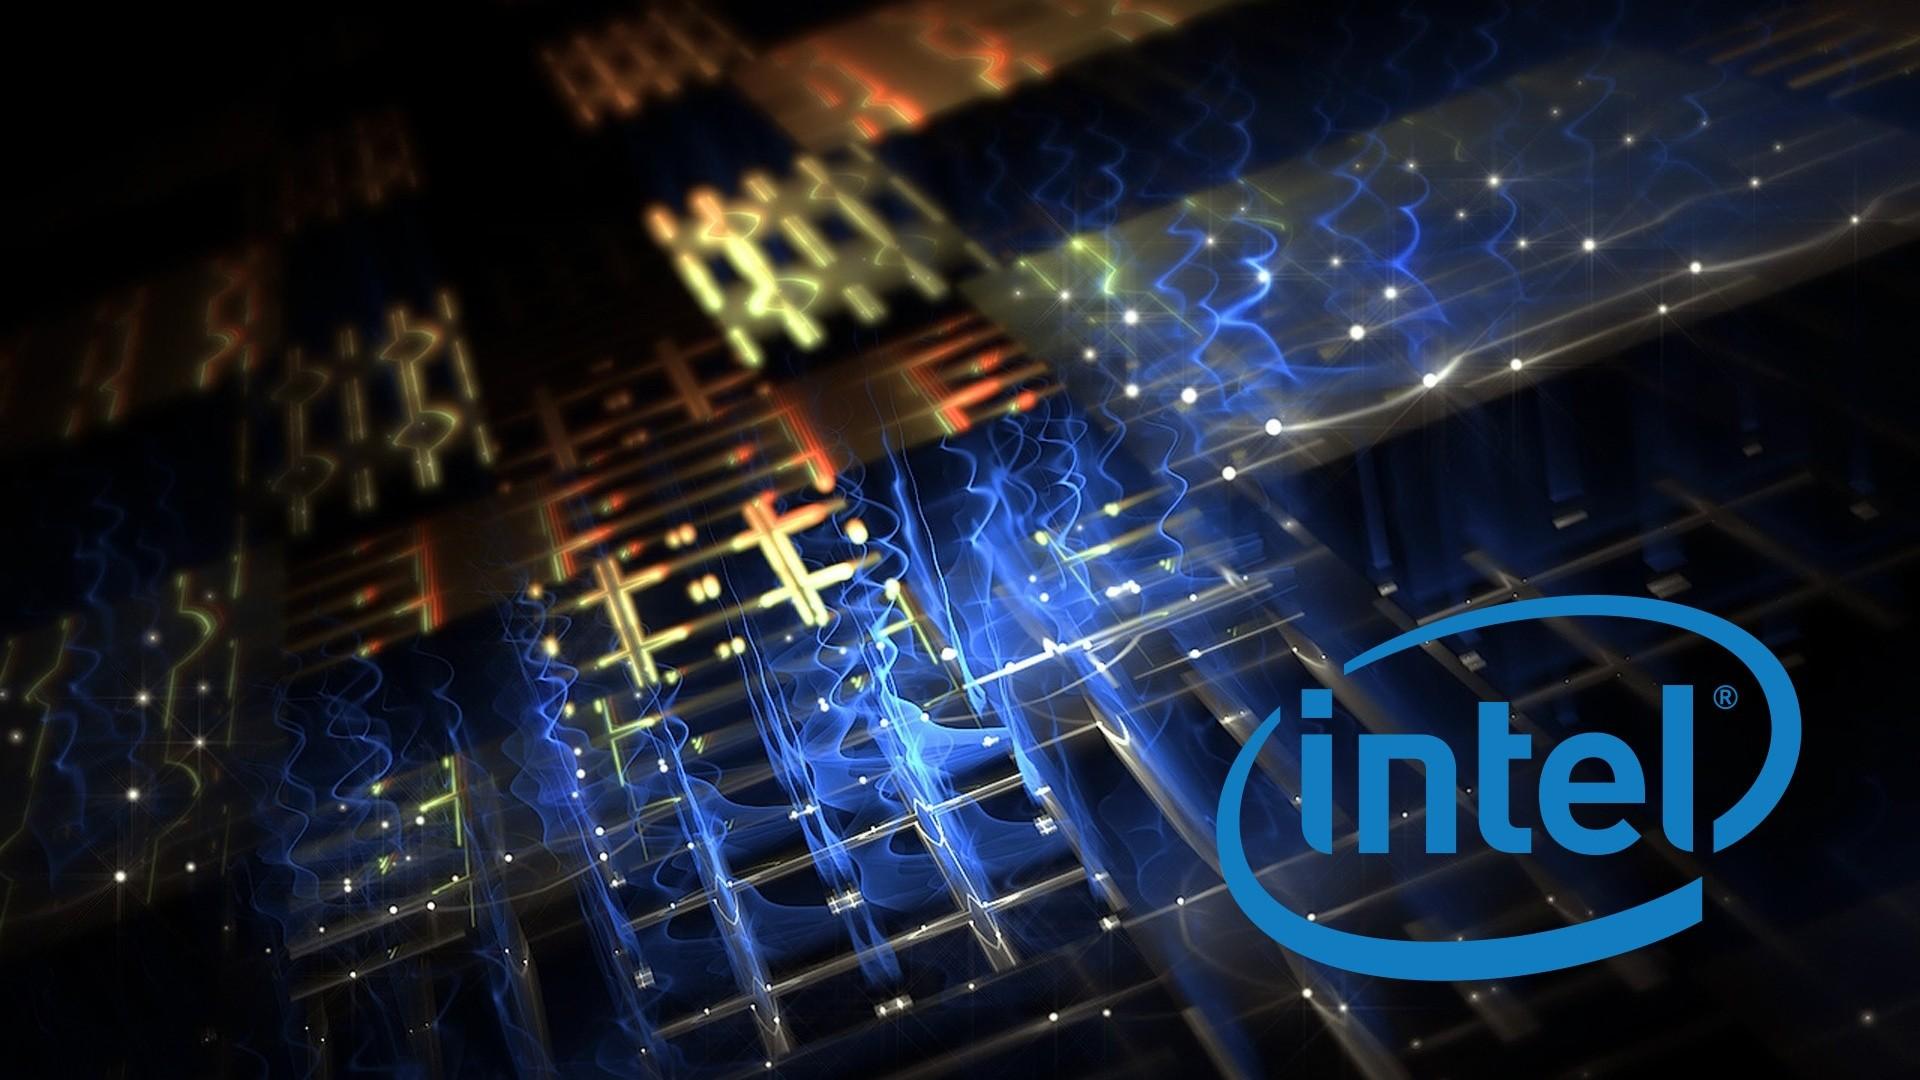 Intel Wallpaper 1920x1080